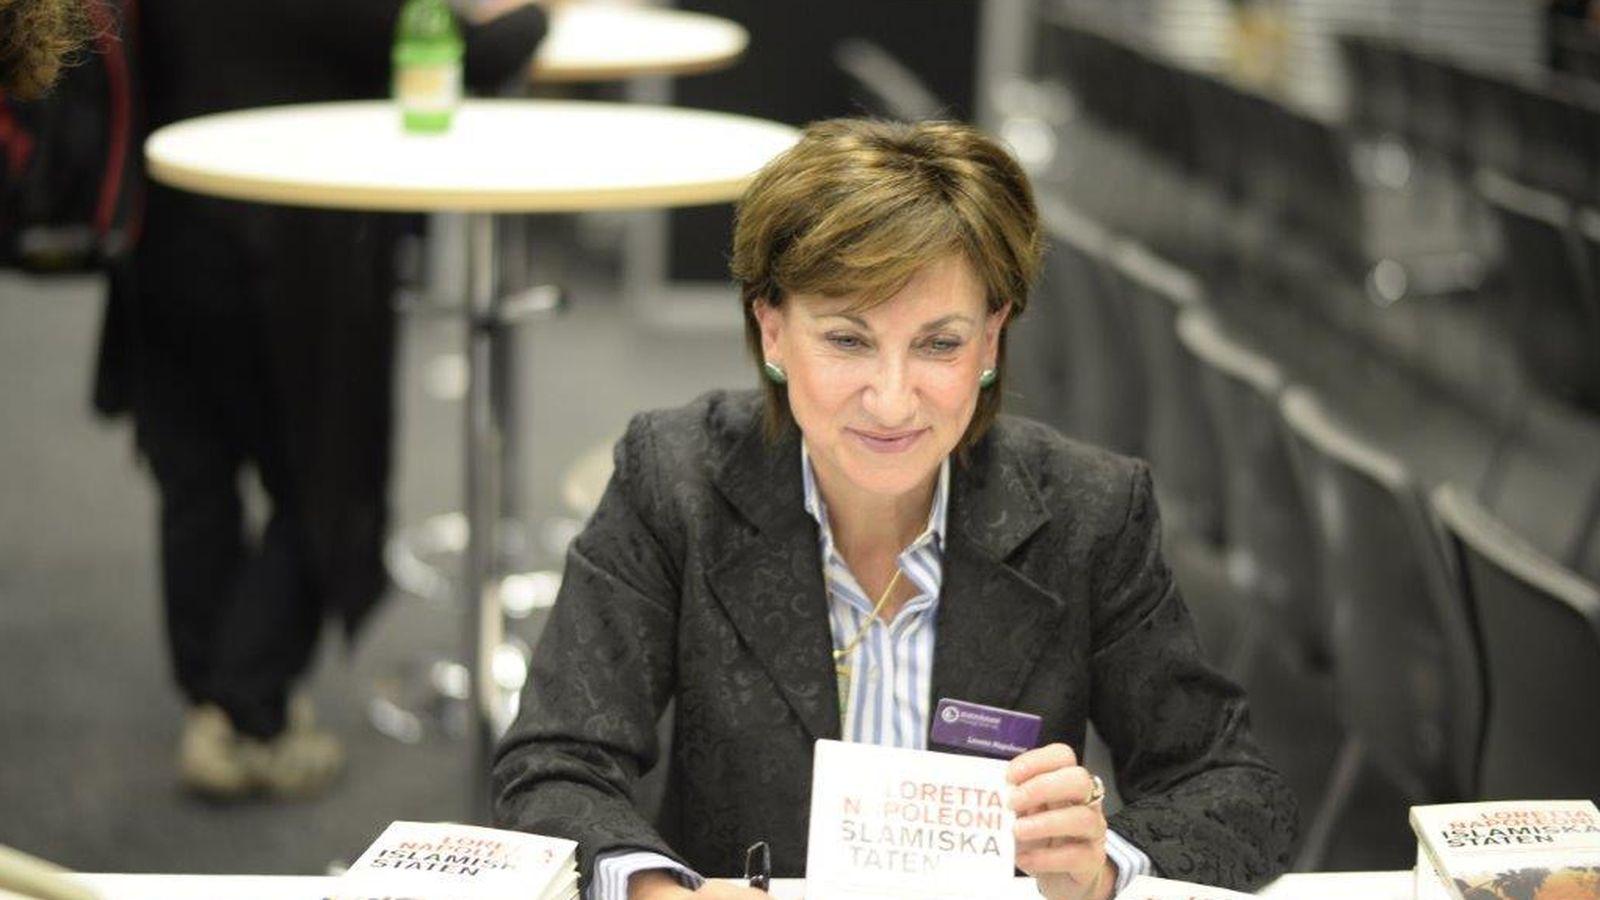 Foto: Loretta Napoleoni, firmando ejemplares de su último libro (Fuente: Web de la autora)